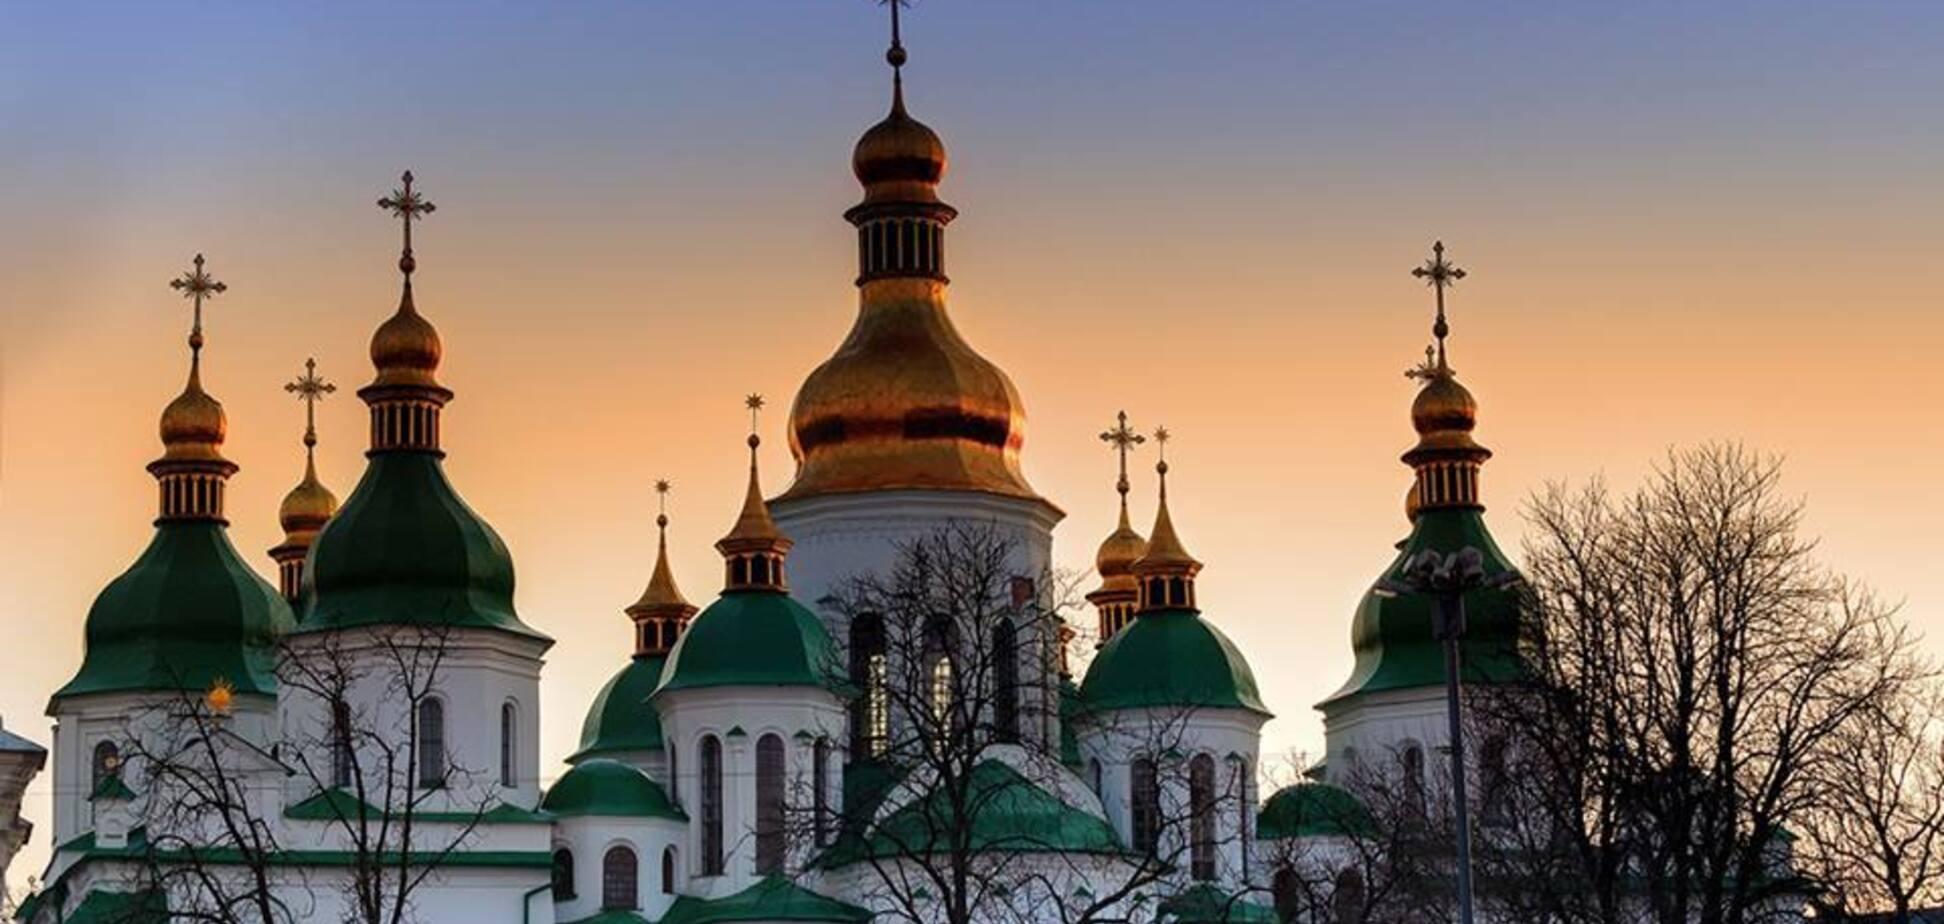 Українська мова точно існувала вже в 11 столітті